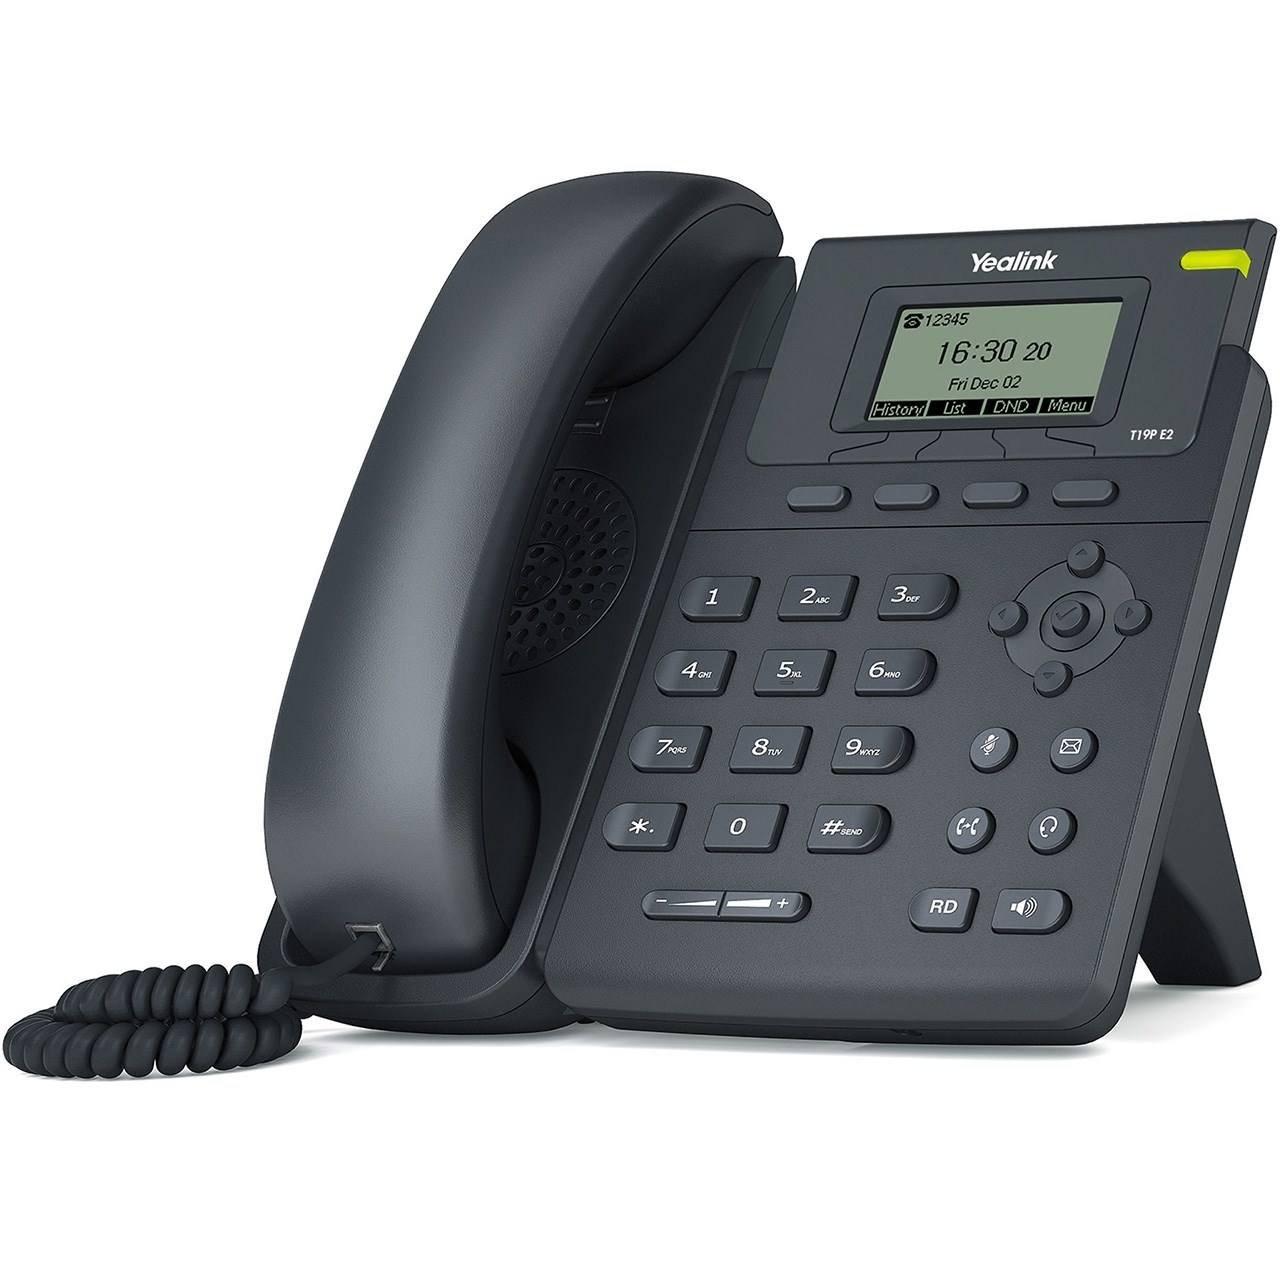 تصویر تلفن تحت شبکه یالینک مدل SIP T19P E2 Yealink SIP T19P E2 IP Phone